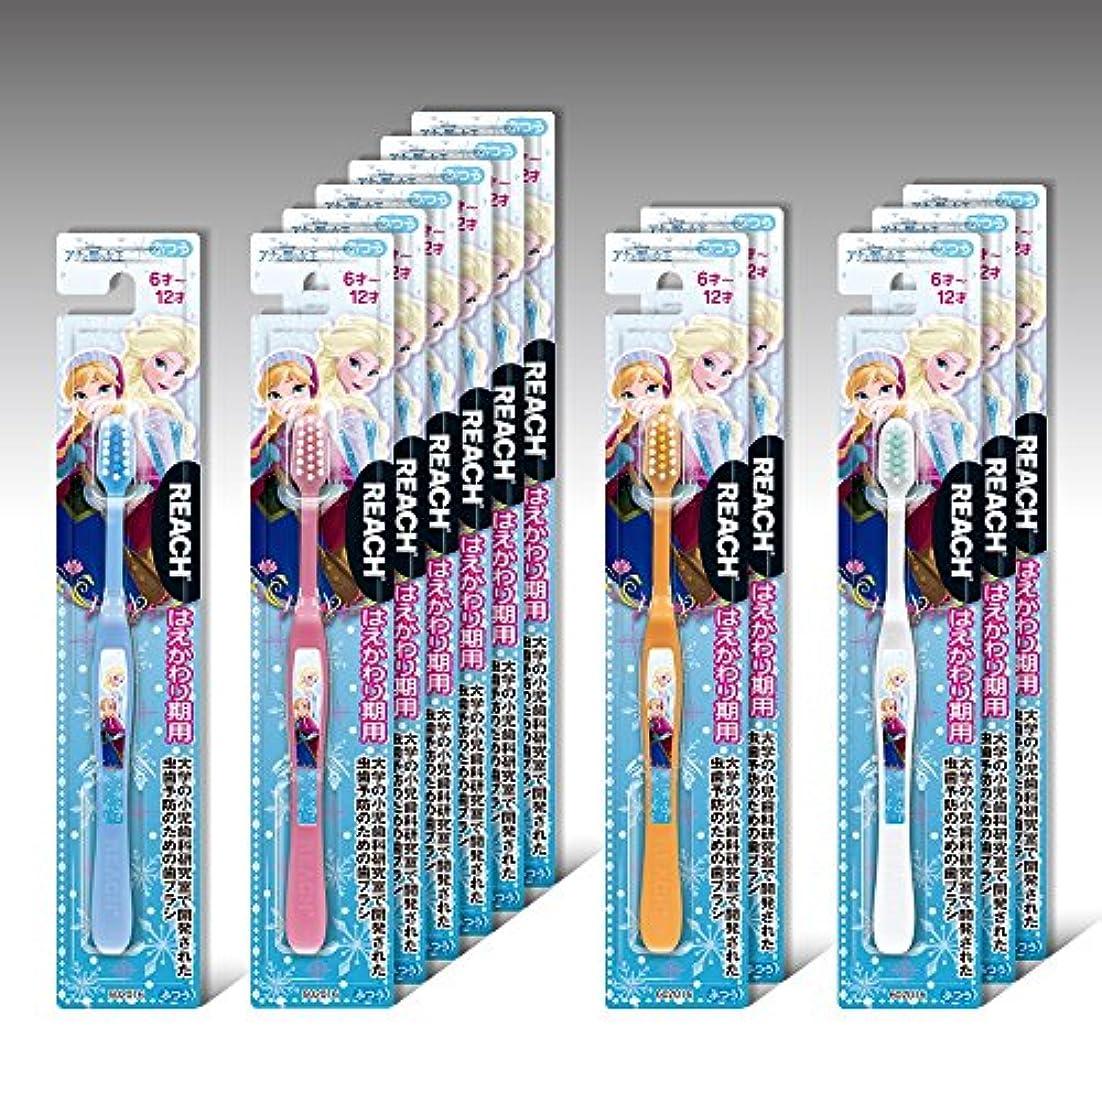 敵メッセージ会うリーチキッズ ディズニー アナと雪の女王 はえかわり期用(6~12才) 12本セット